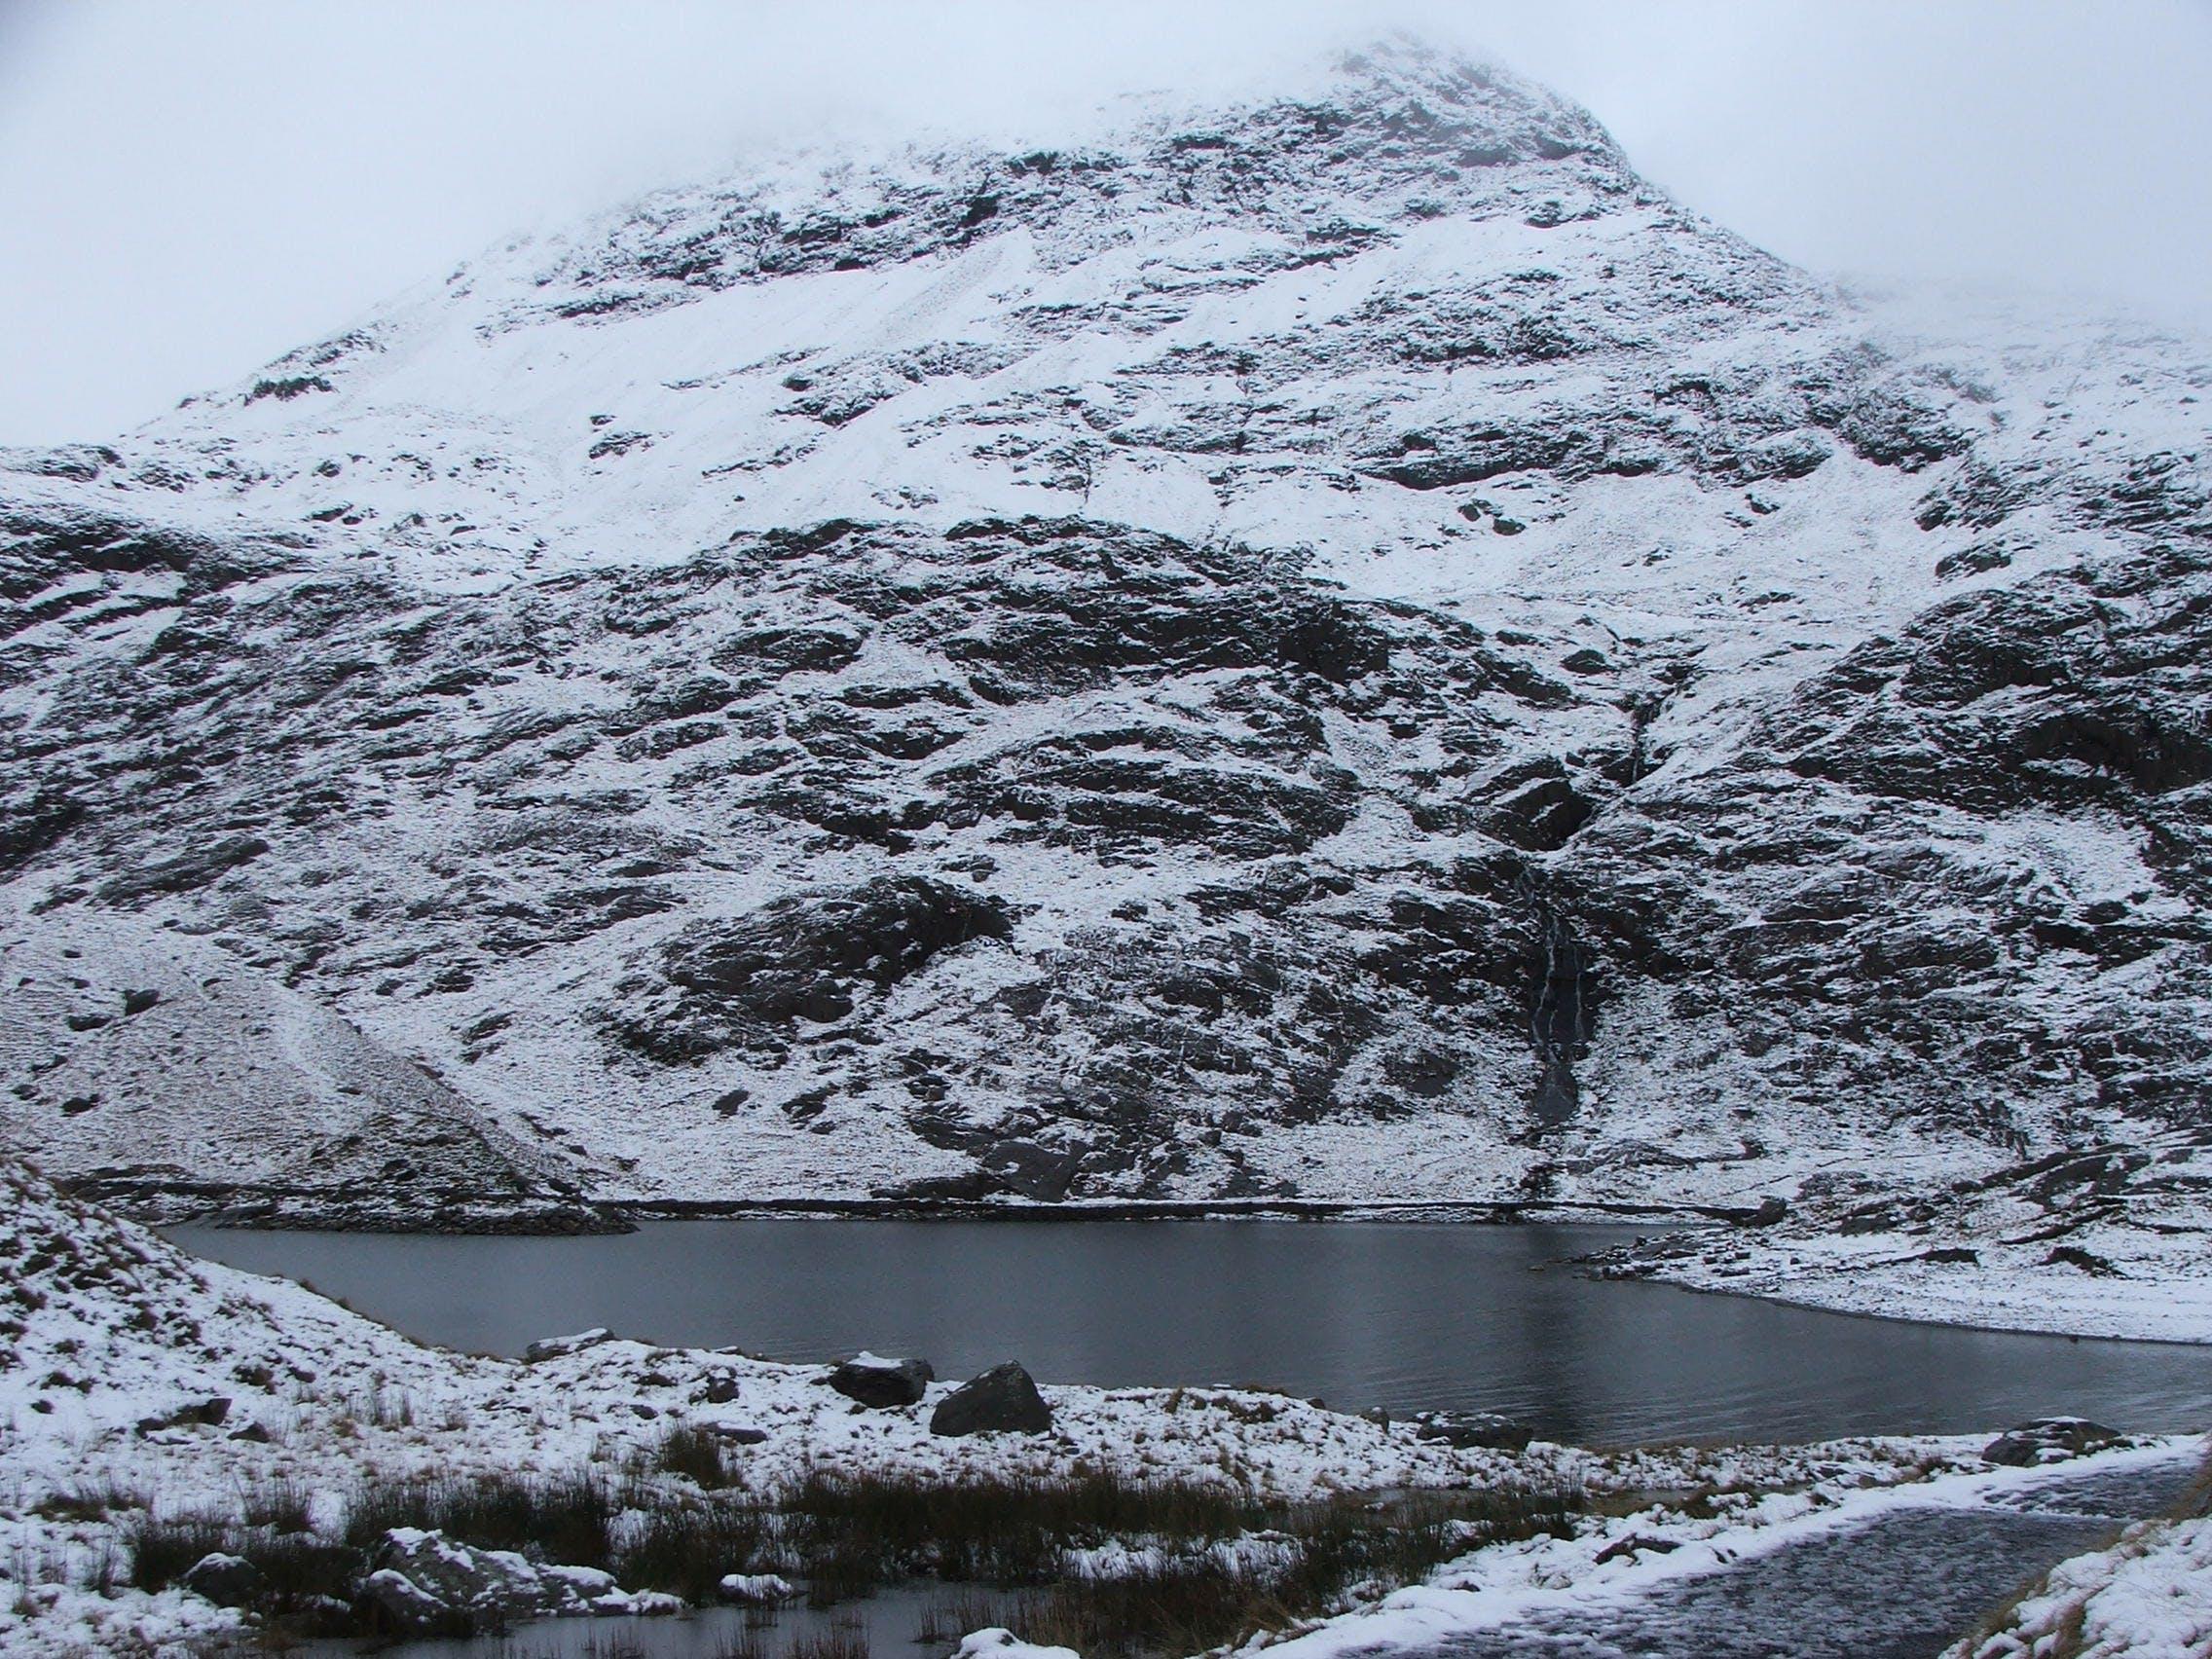 Free stock photo of mountain, snow, snowdonia, winter